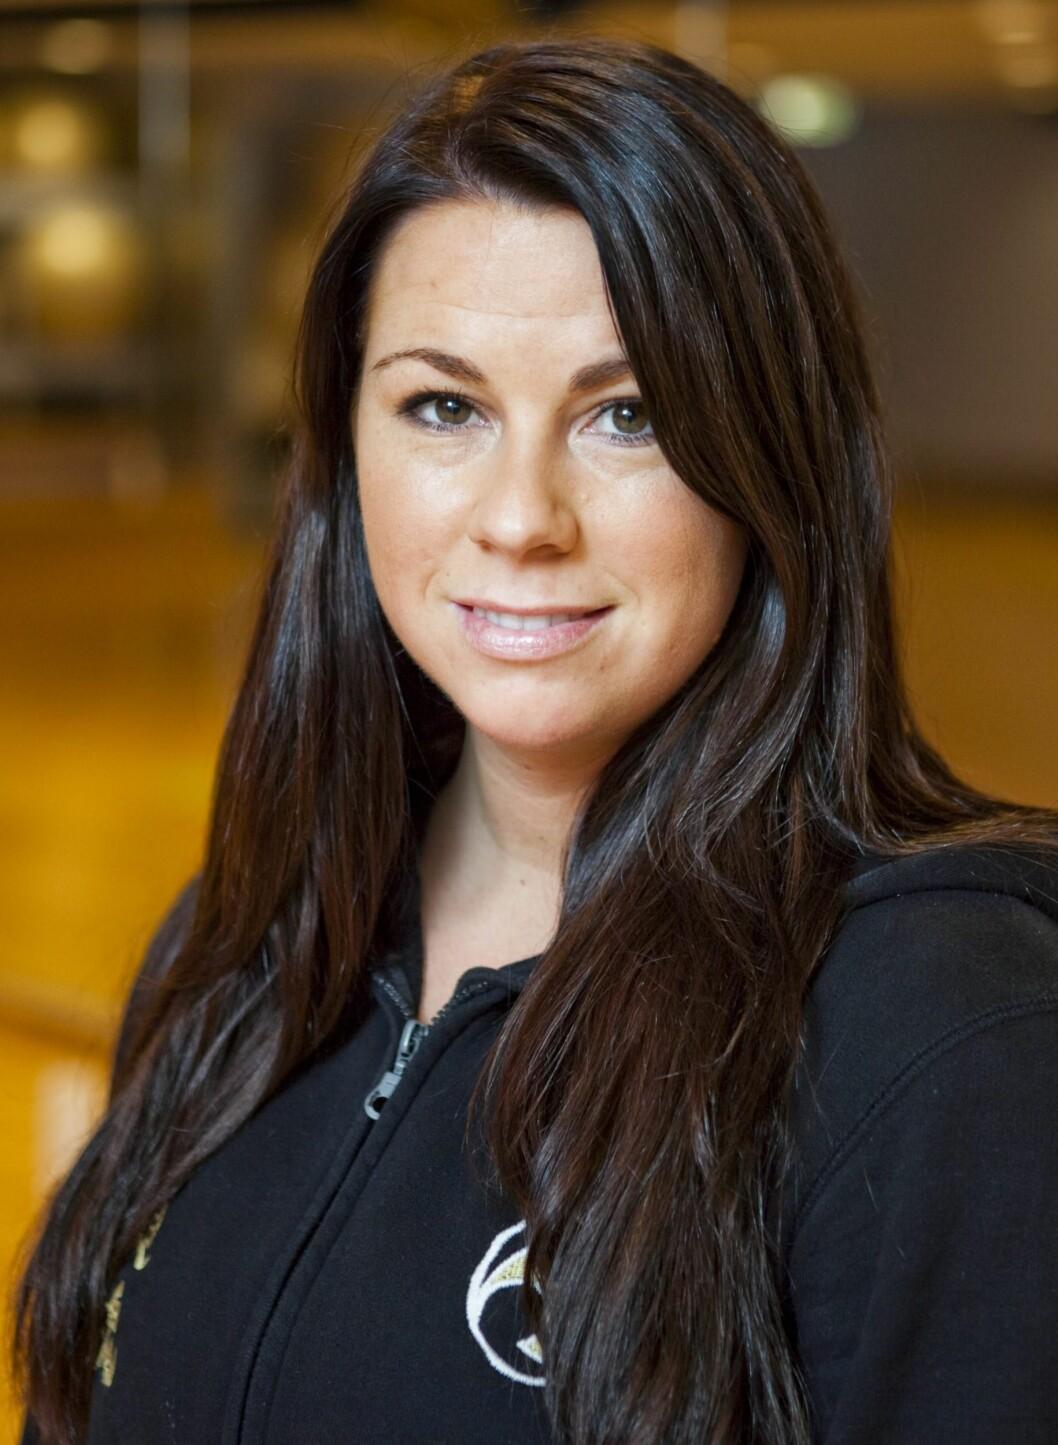 INSTRUKTØR: Stine Hegre er utdannet Budokon-instruktør fra USA og tok med seg konseptet til Norge i 2009. Hun har også timer på Frontline Academy i Oslo.  Foto: Per Ervland